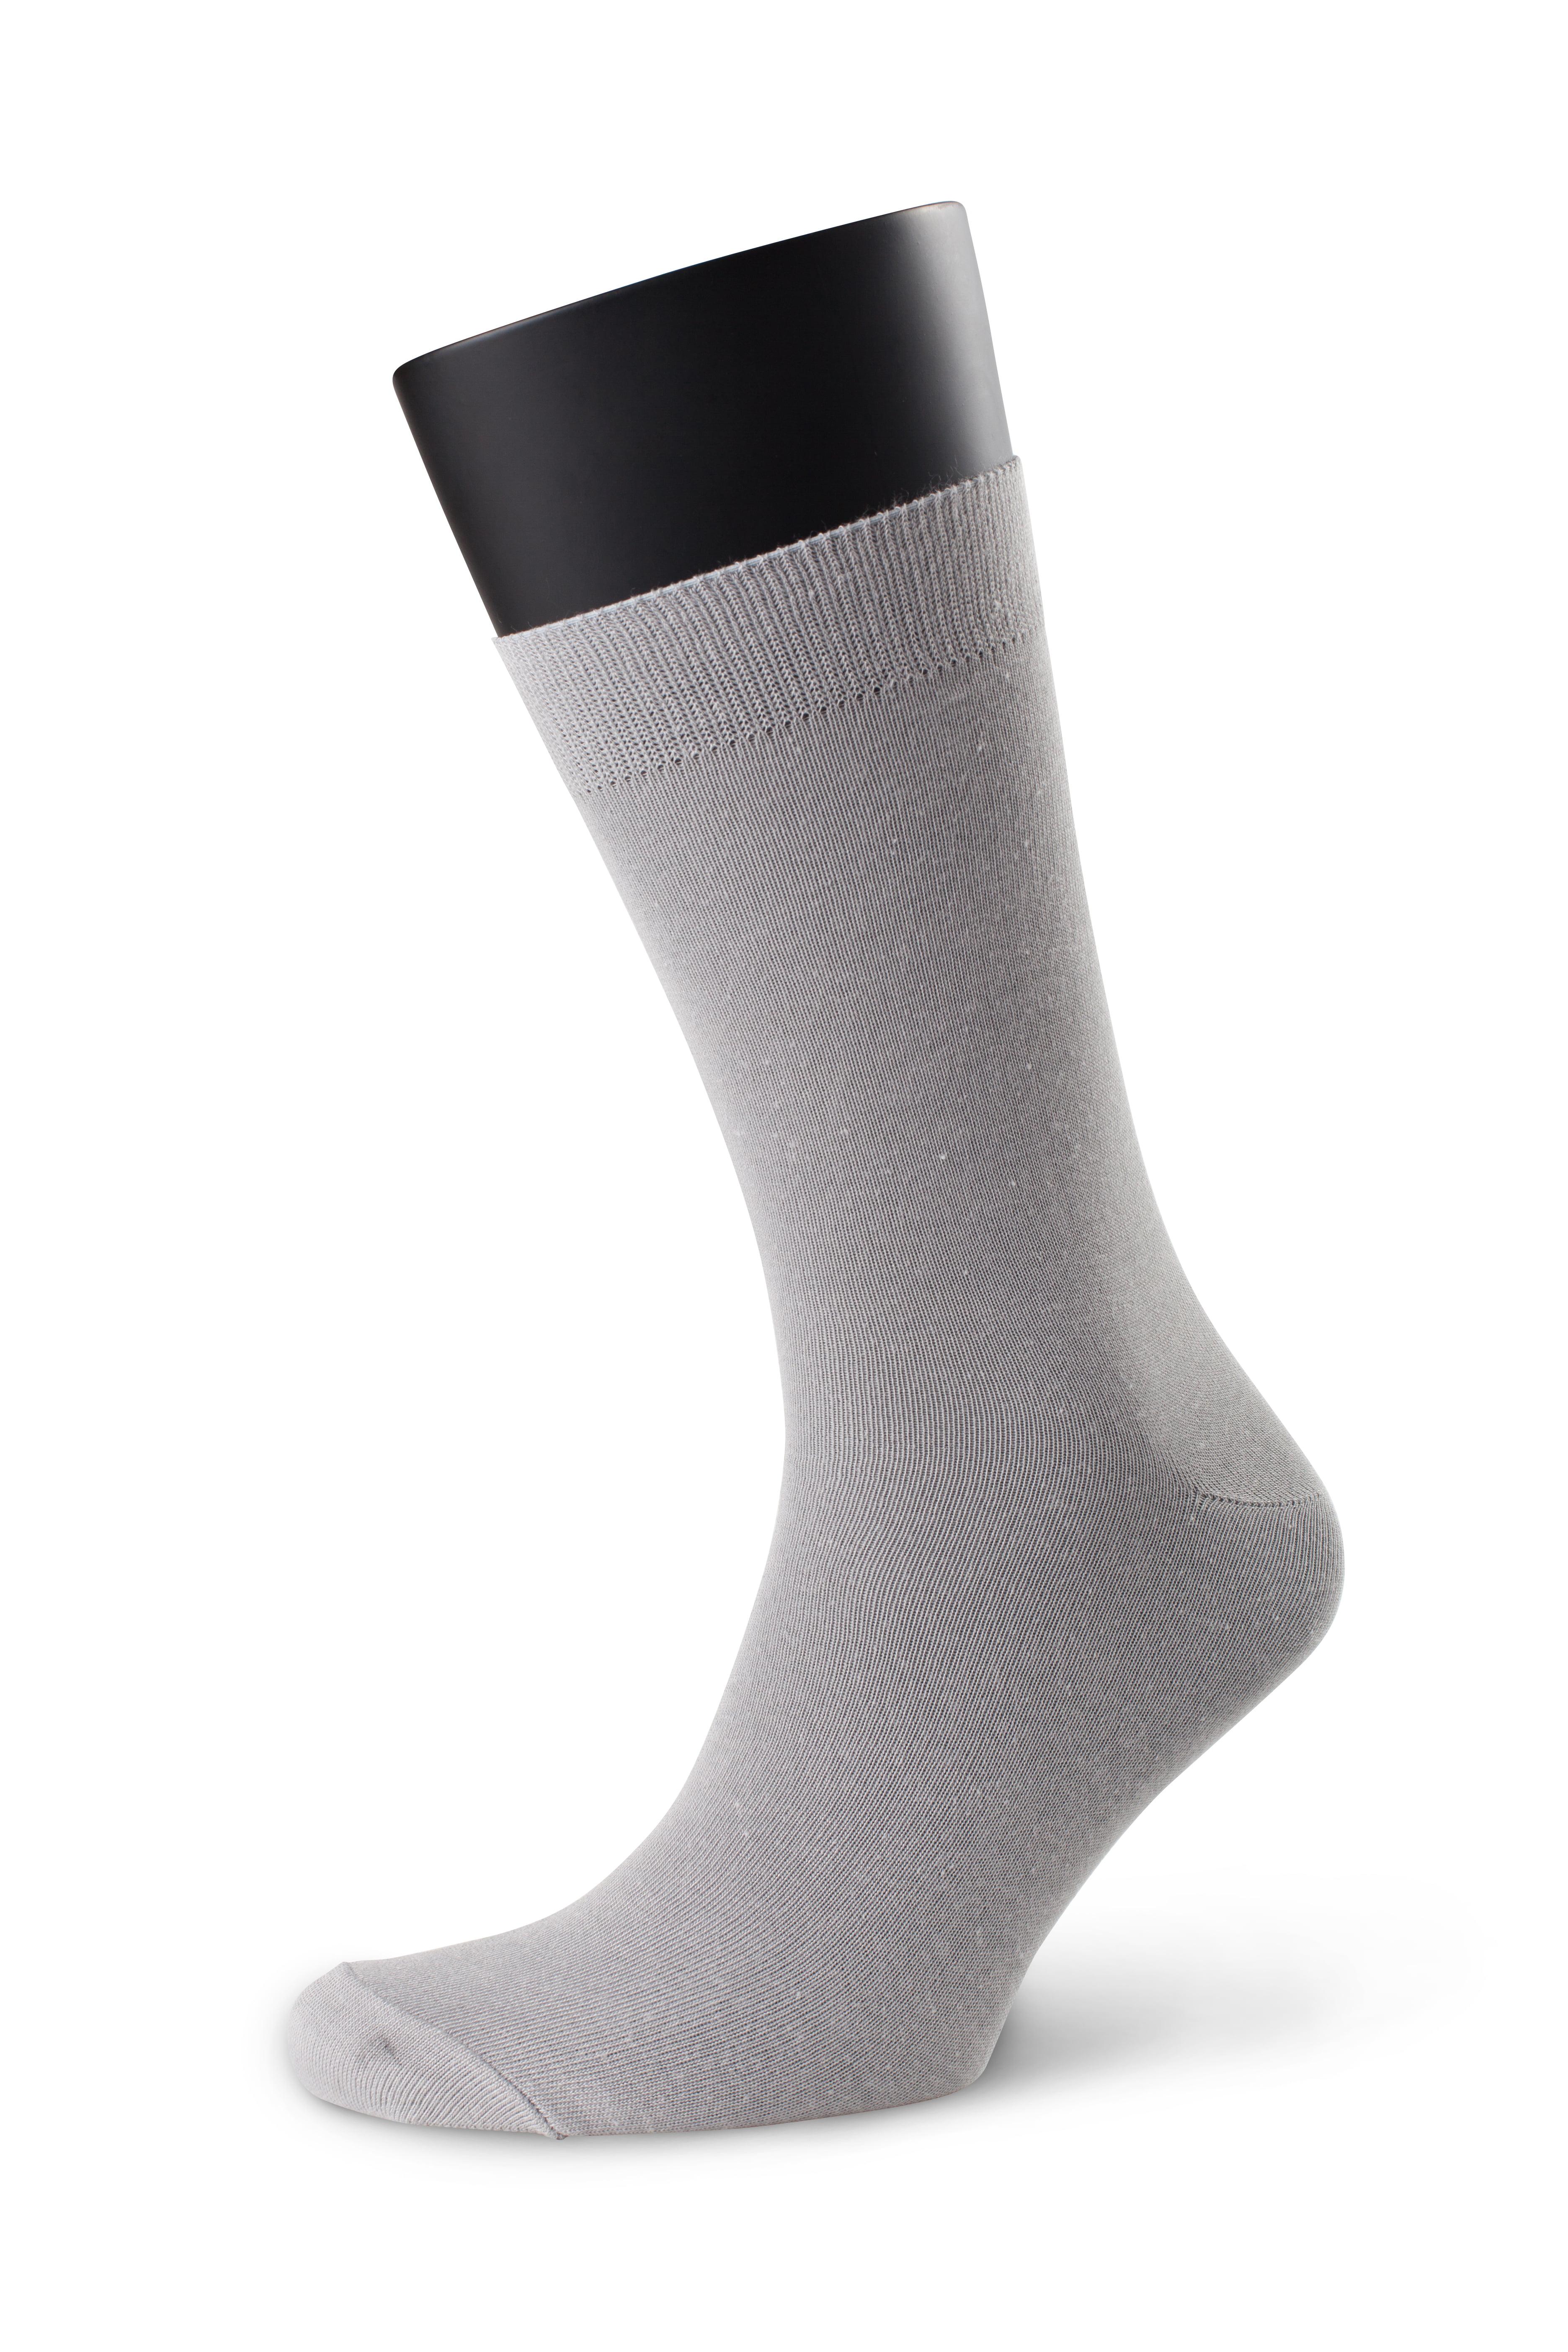 Комплект удобных однотонных мужских носков (5 шт.) из хлопка серого цвета Аvani 4М-046